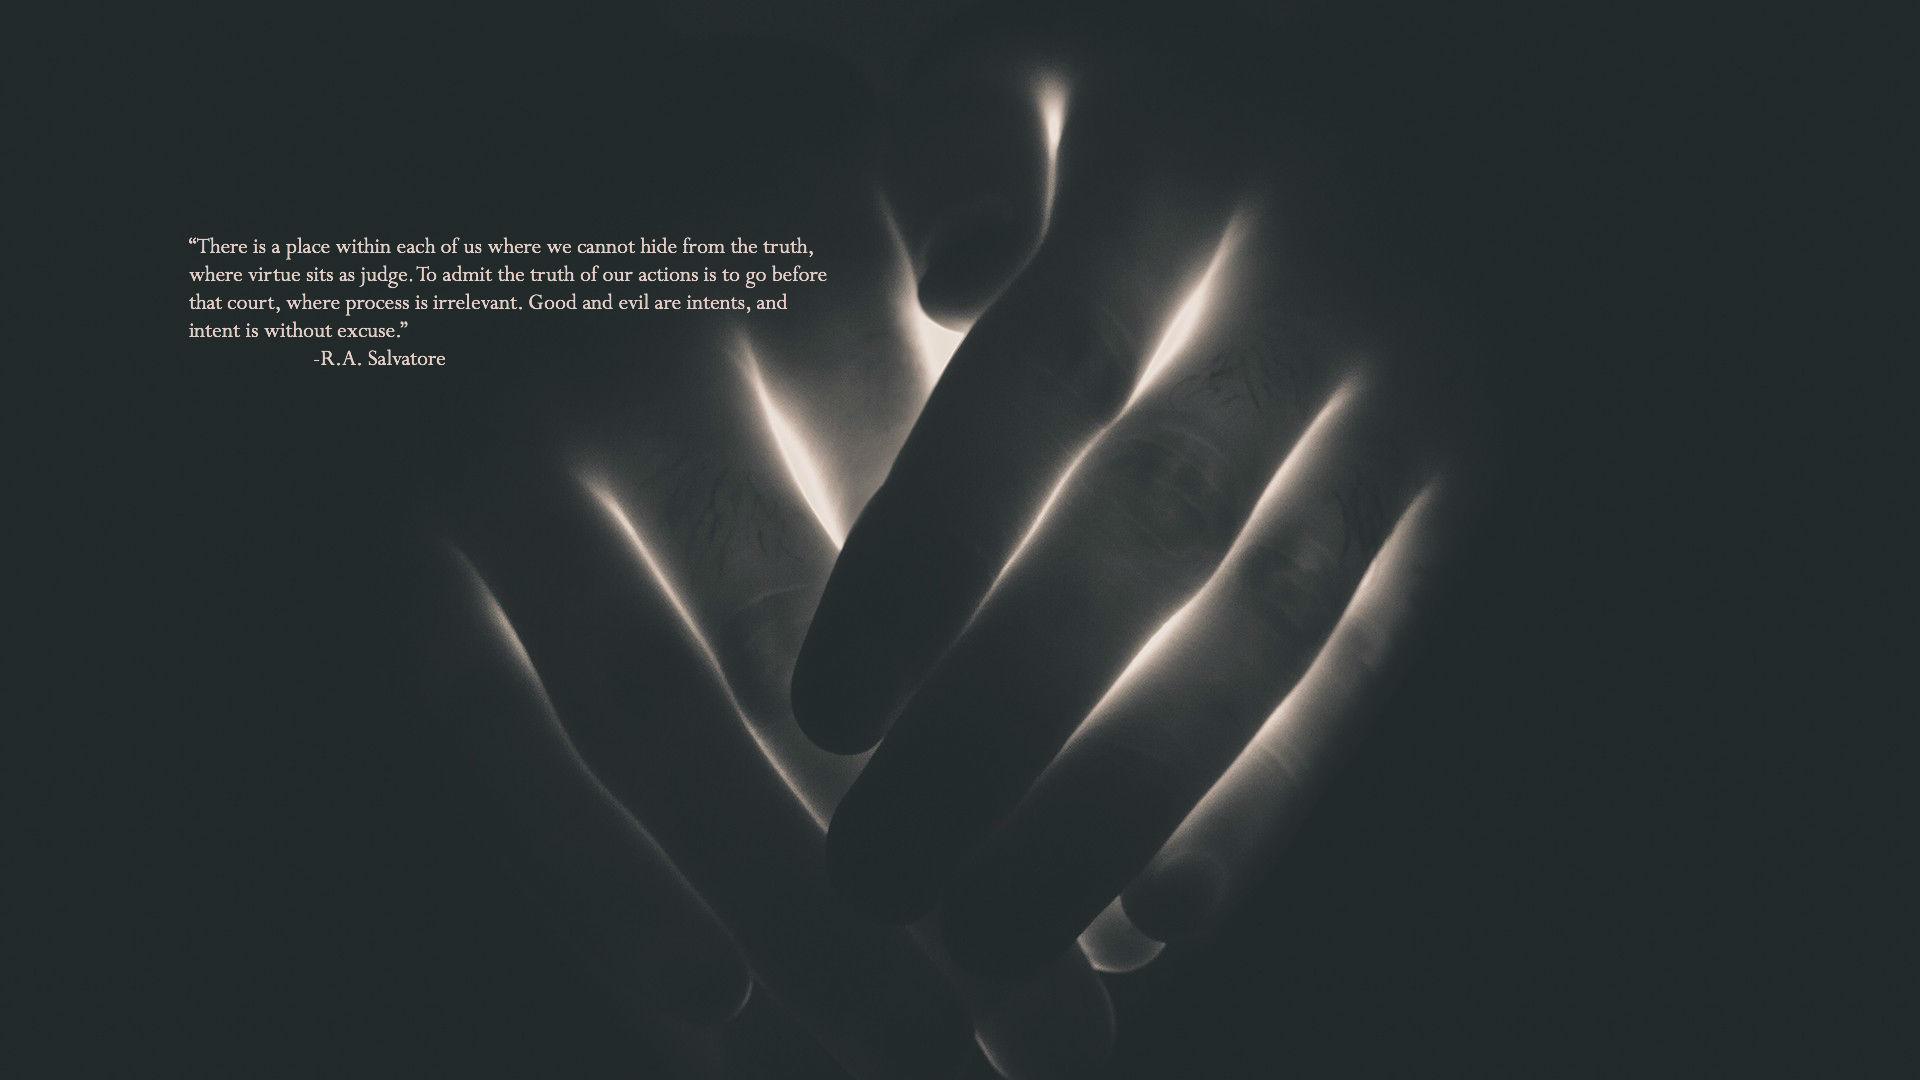 R. A. Salvatore's quote #7